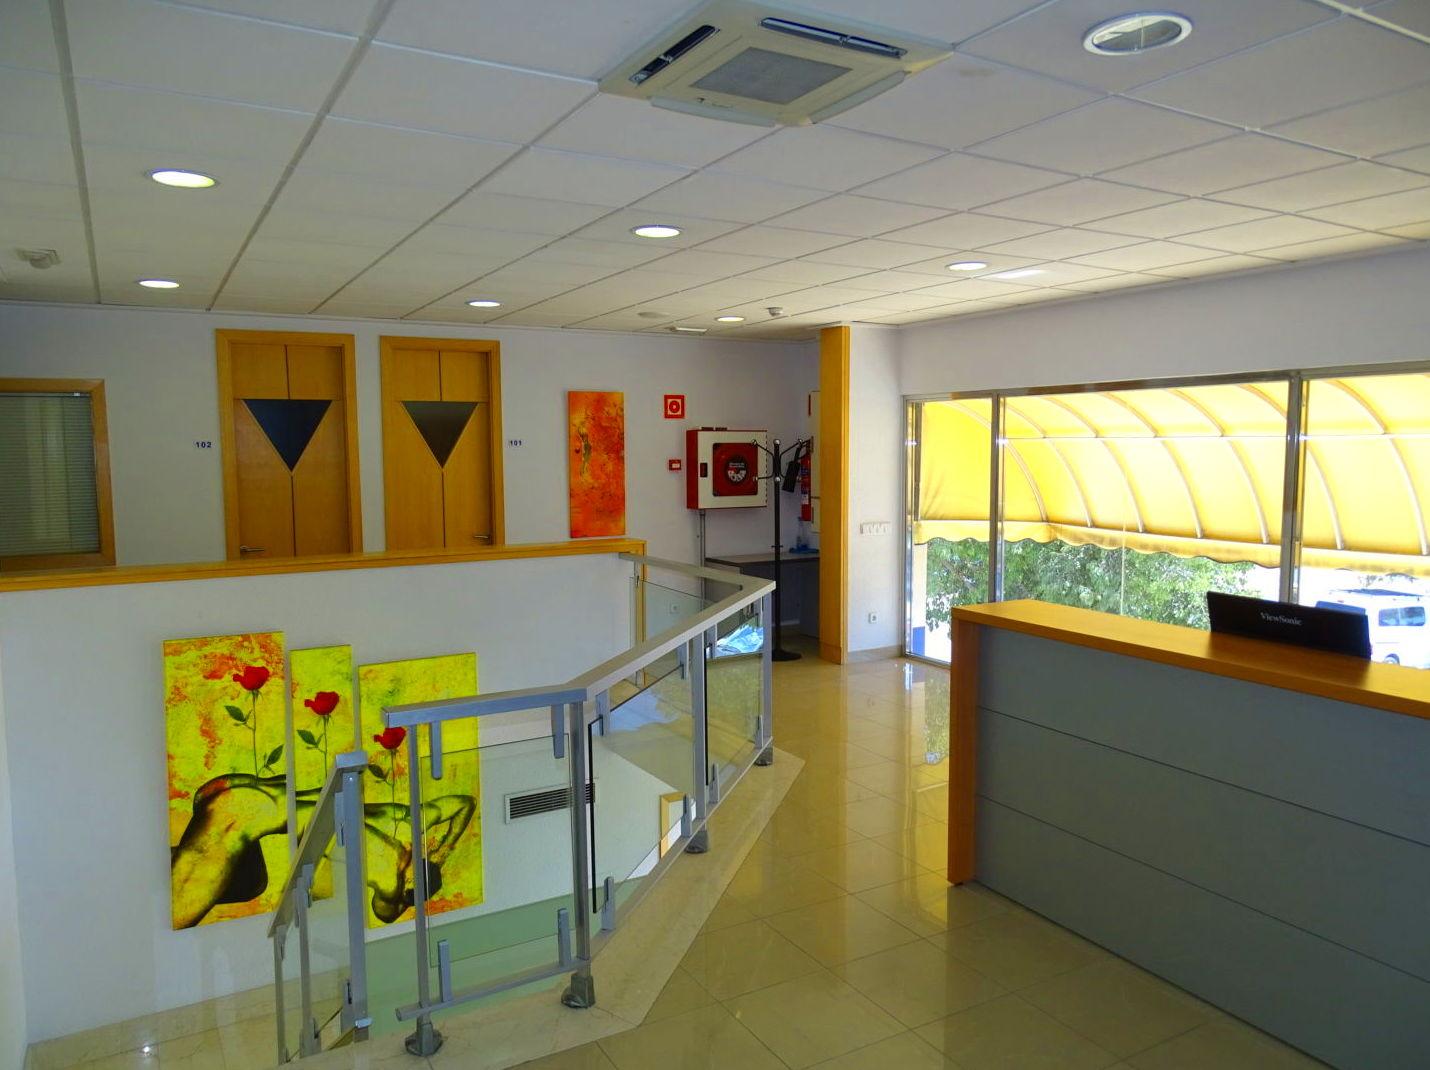 Foto 7 de Alquiler salas totalmente equipadas en Palma de Mallorca | Centro de negocios Son Castelló